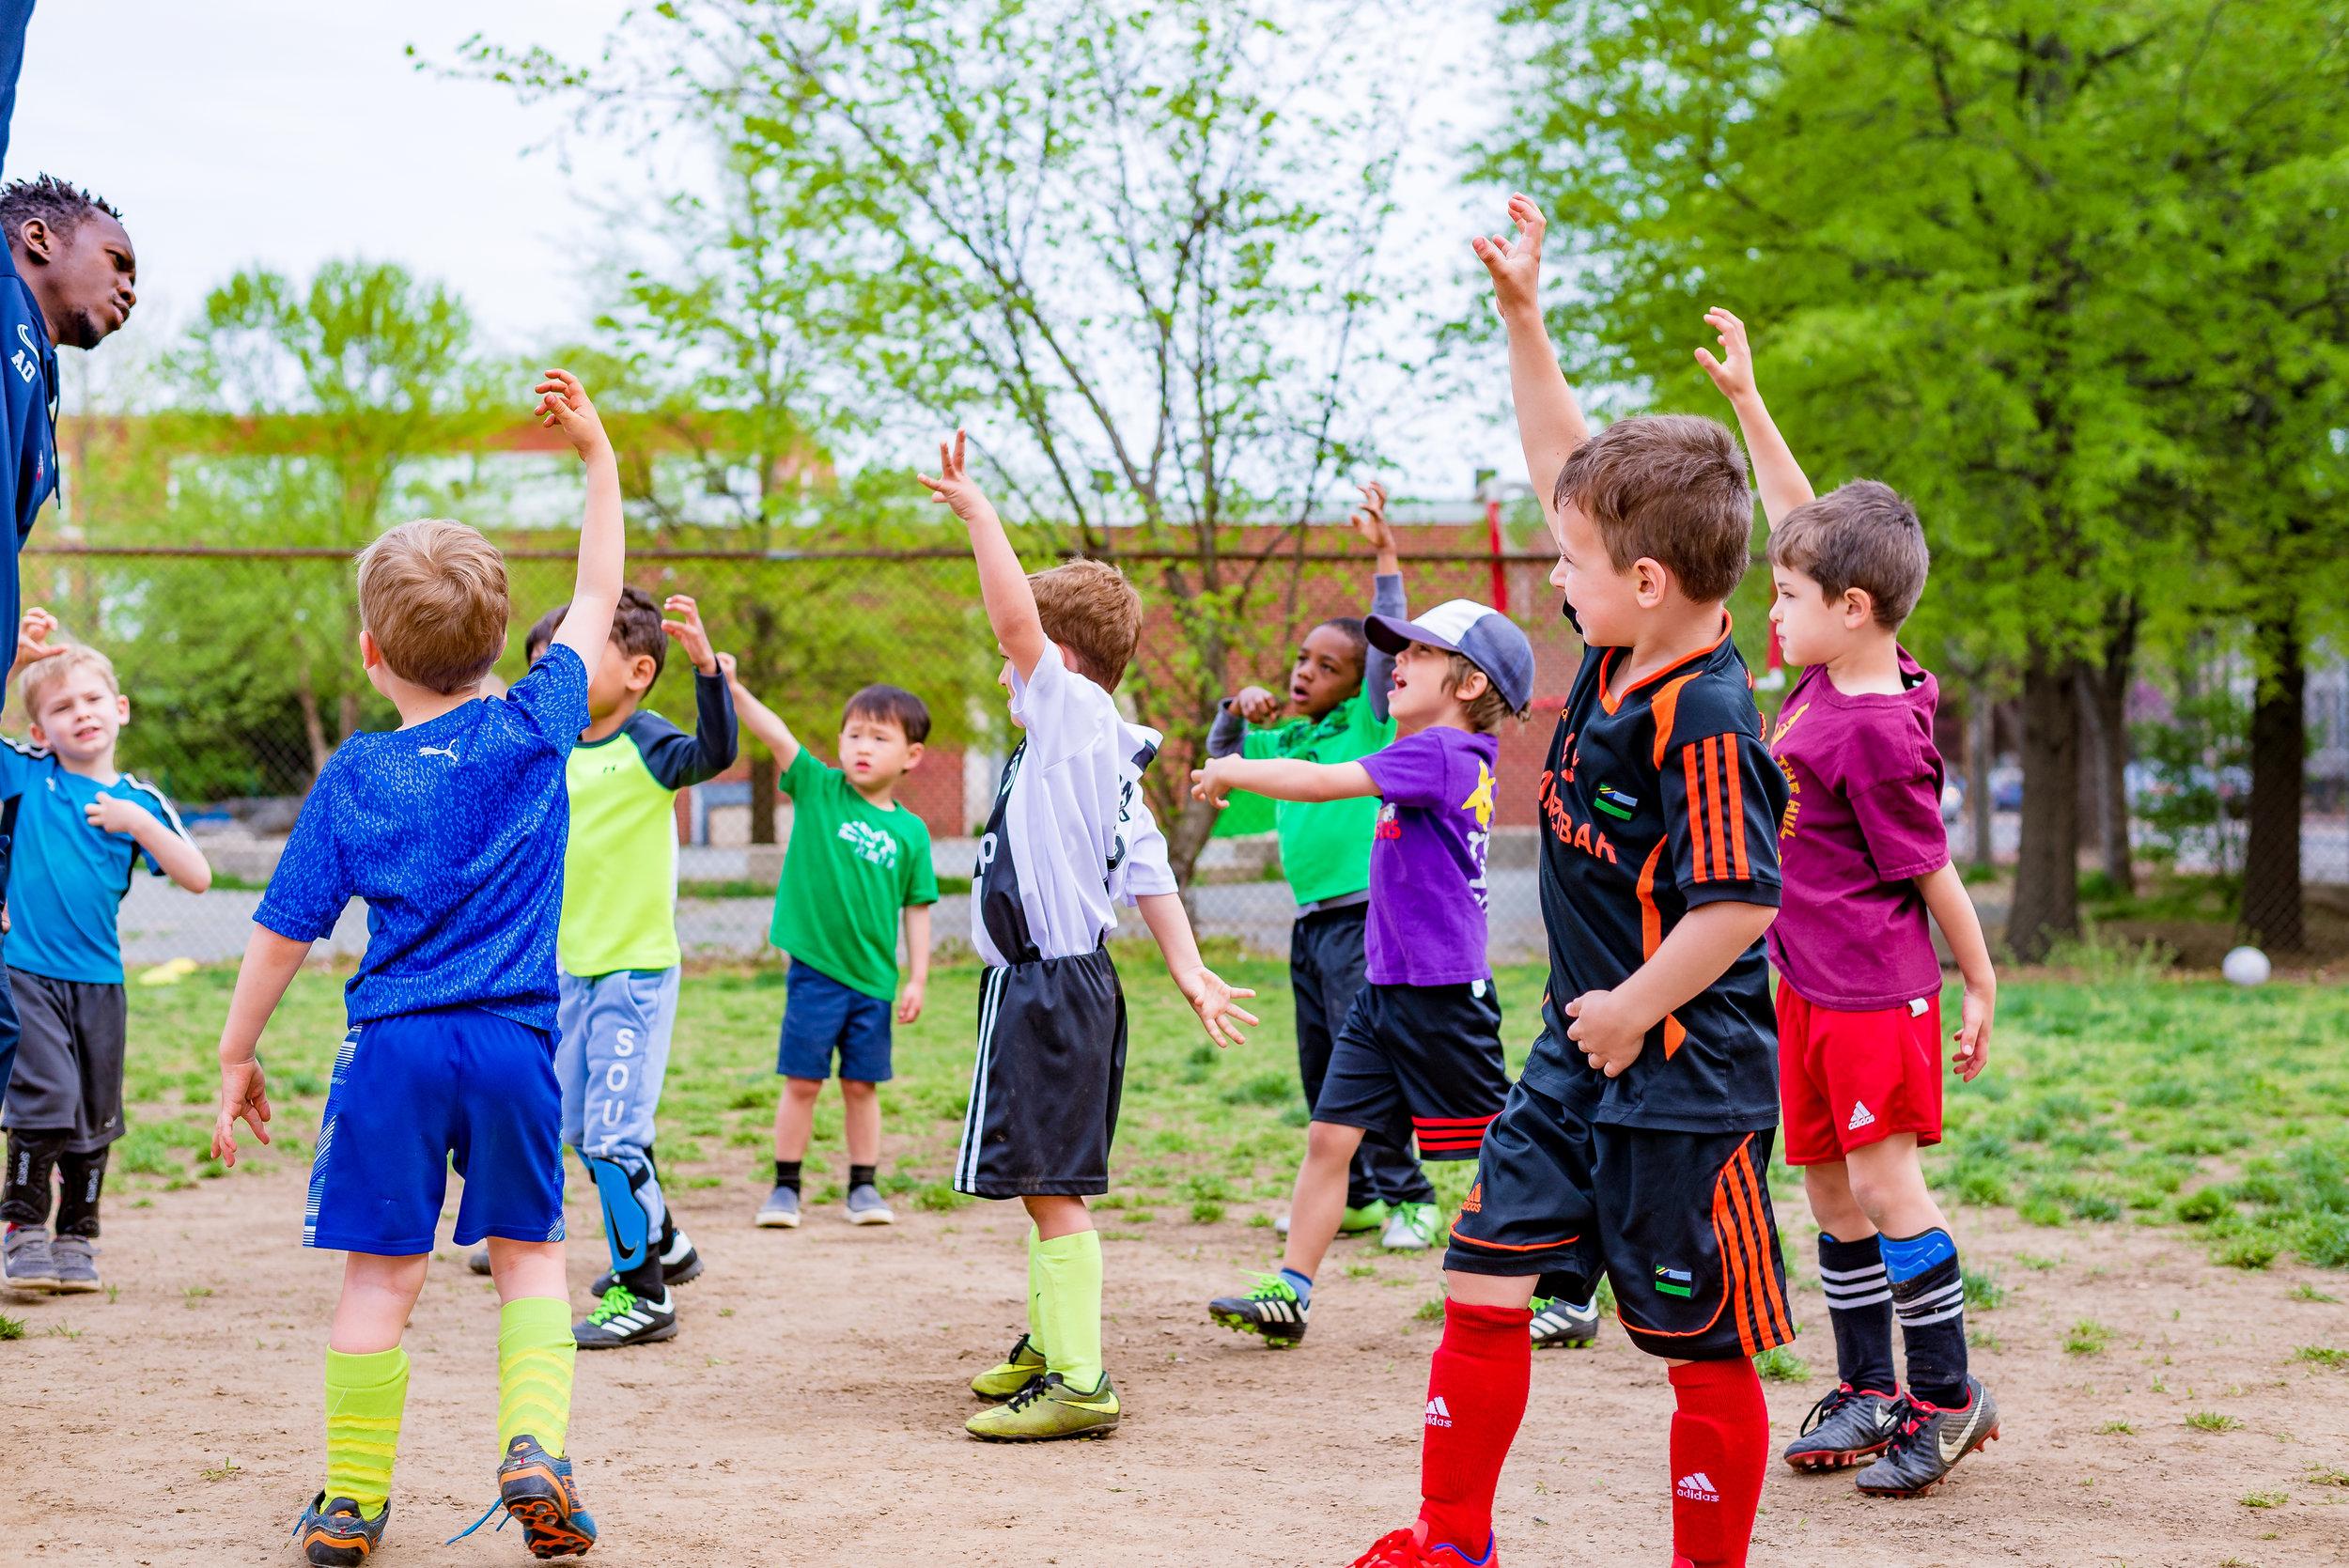 DC Way's 2019 Spring Break Soccer Camp